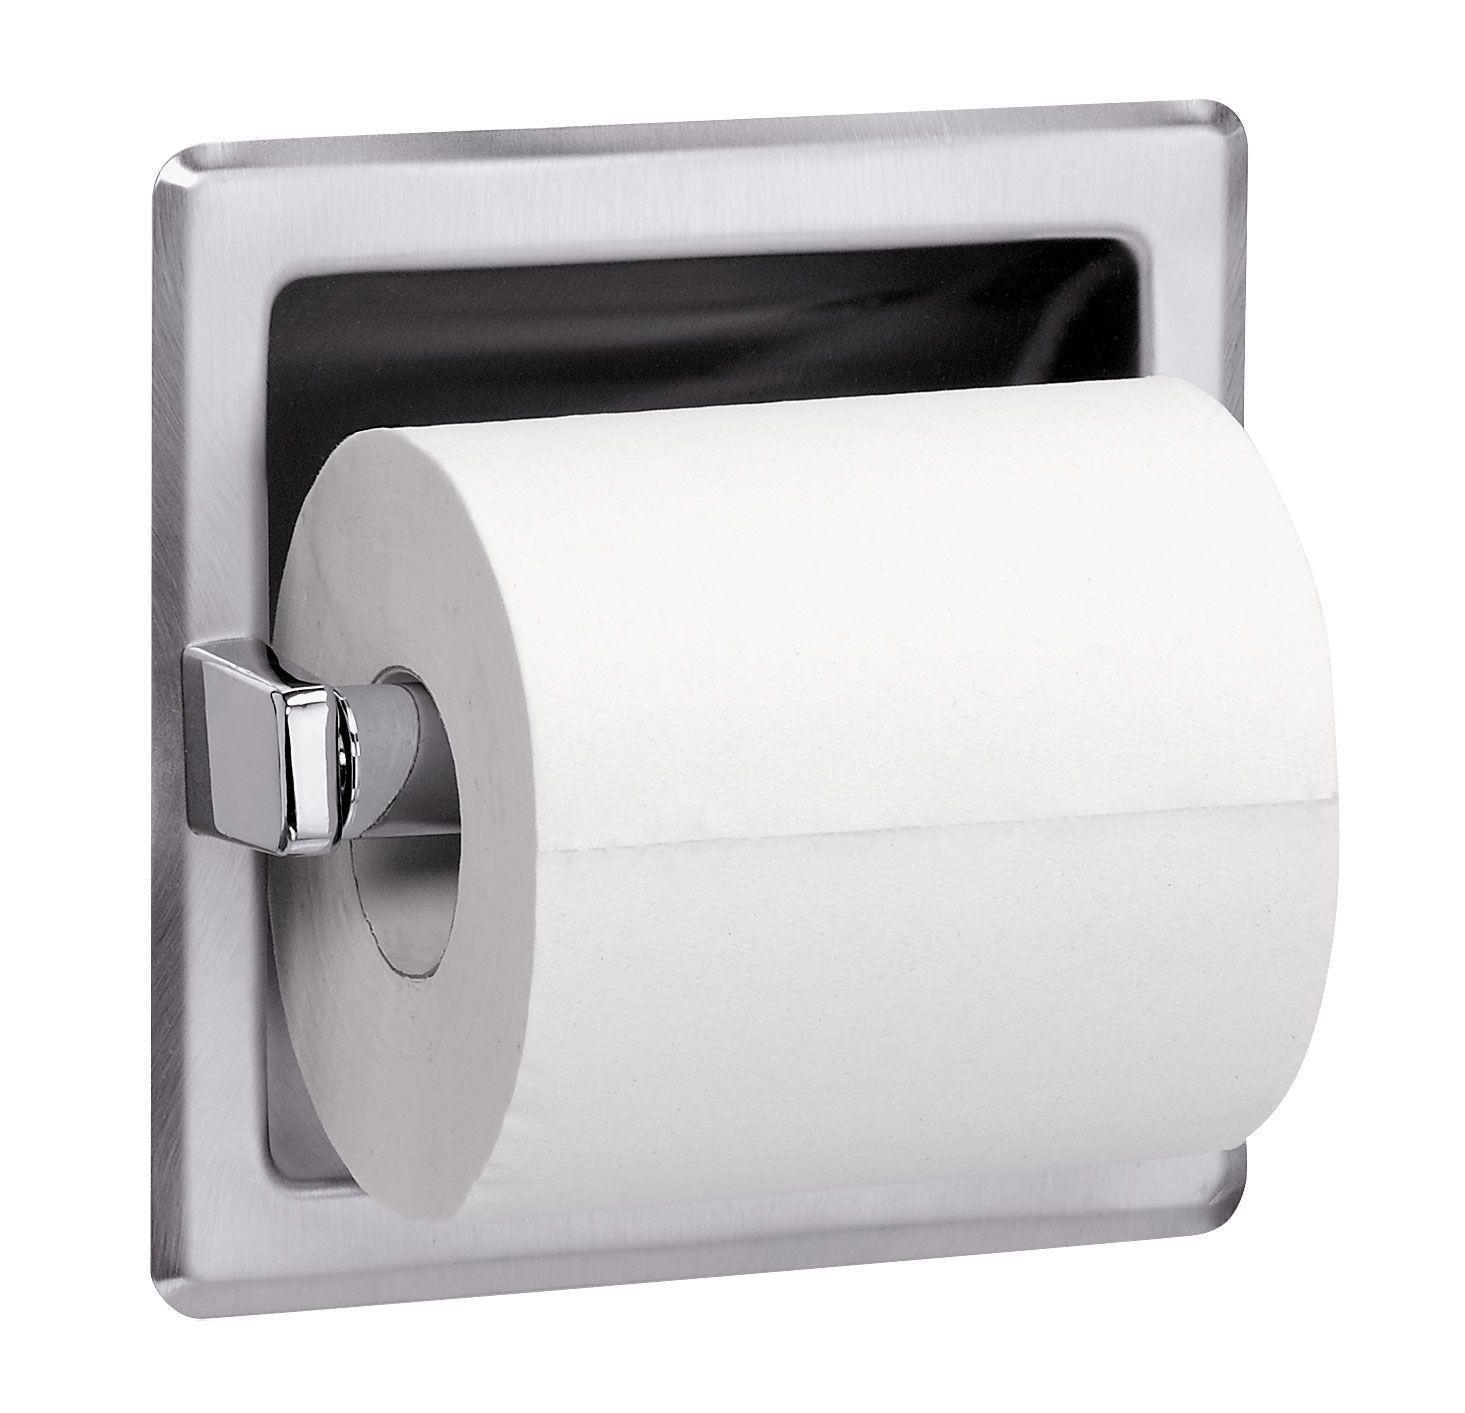 toilet tissue dispenser / toilet paper dispenser *Put the new roll of toilet  paper on